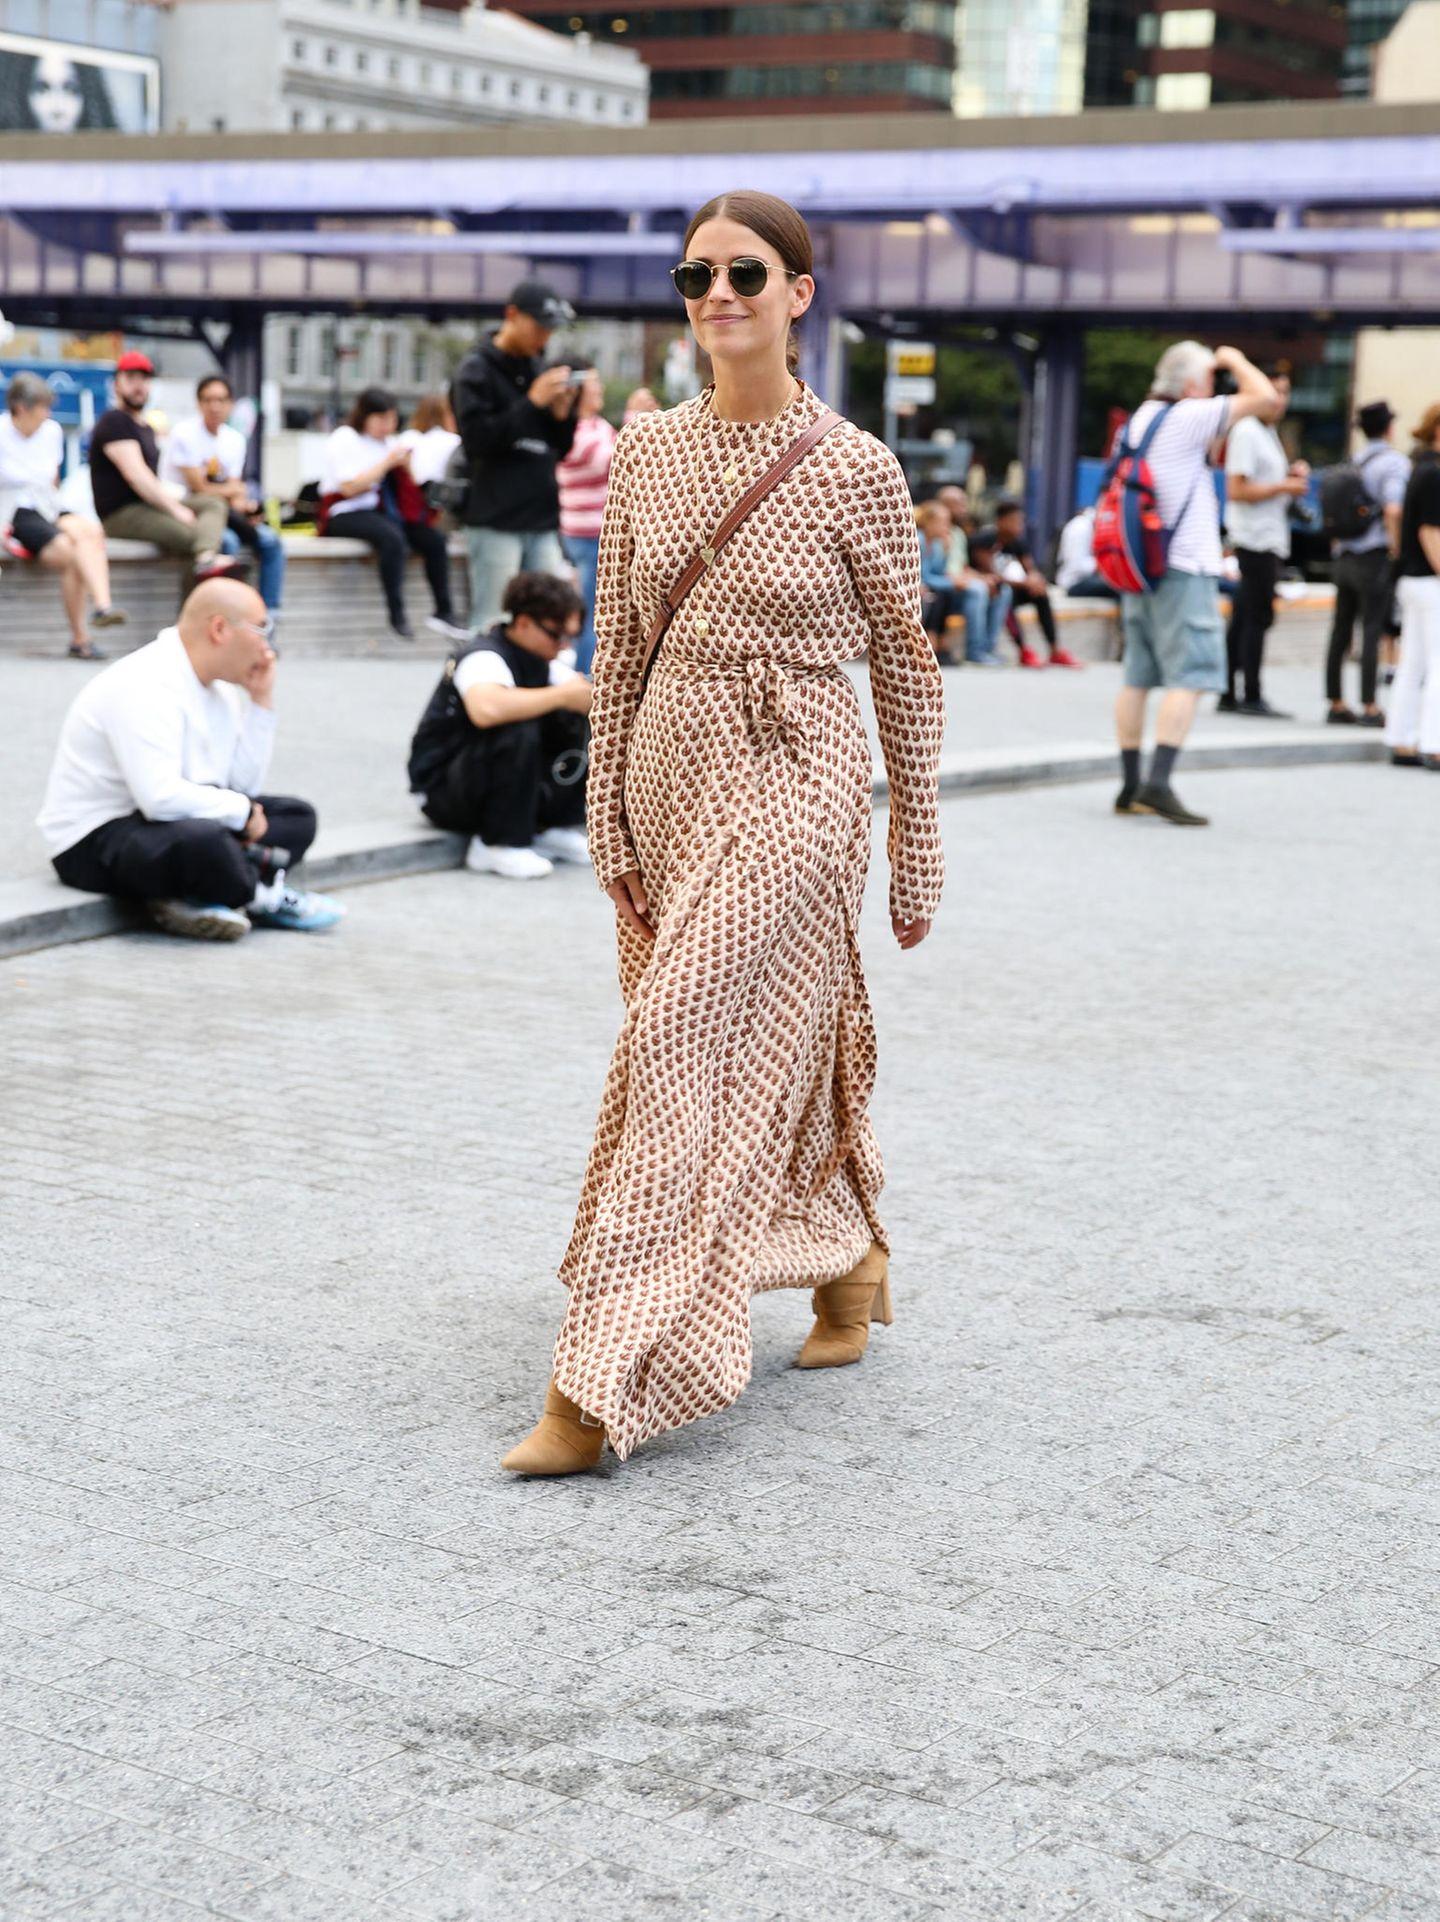 New York Fashion Week 2019: Frau mit langem Kleid auf der Strasse